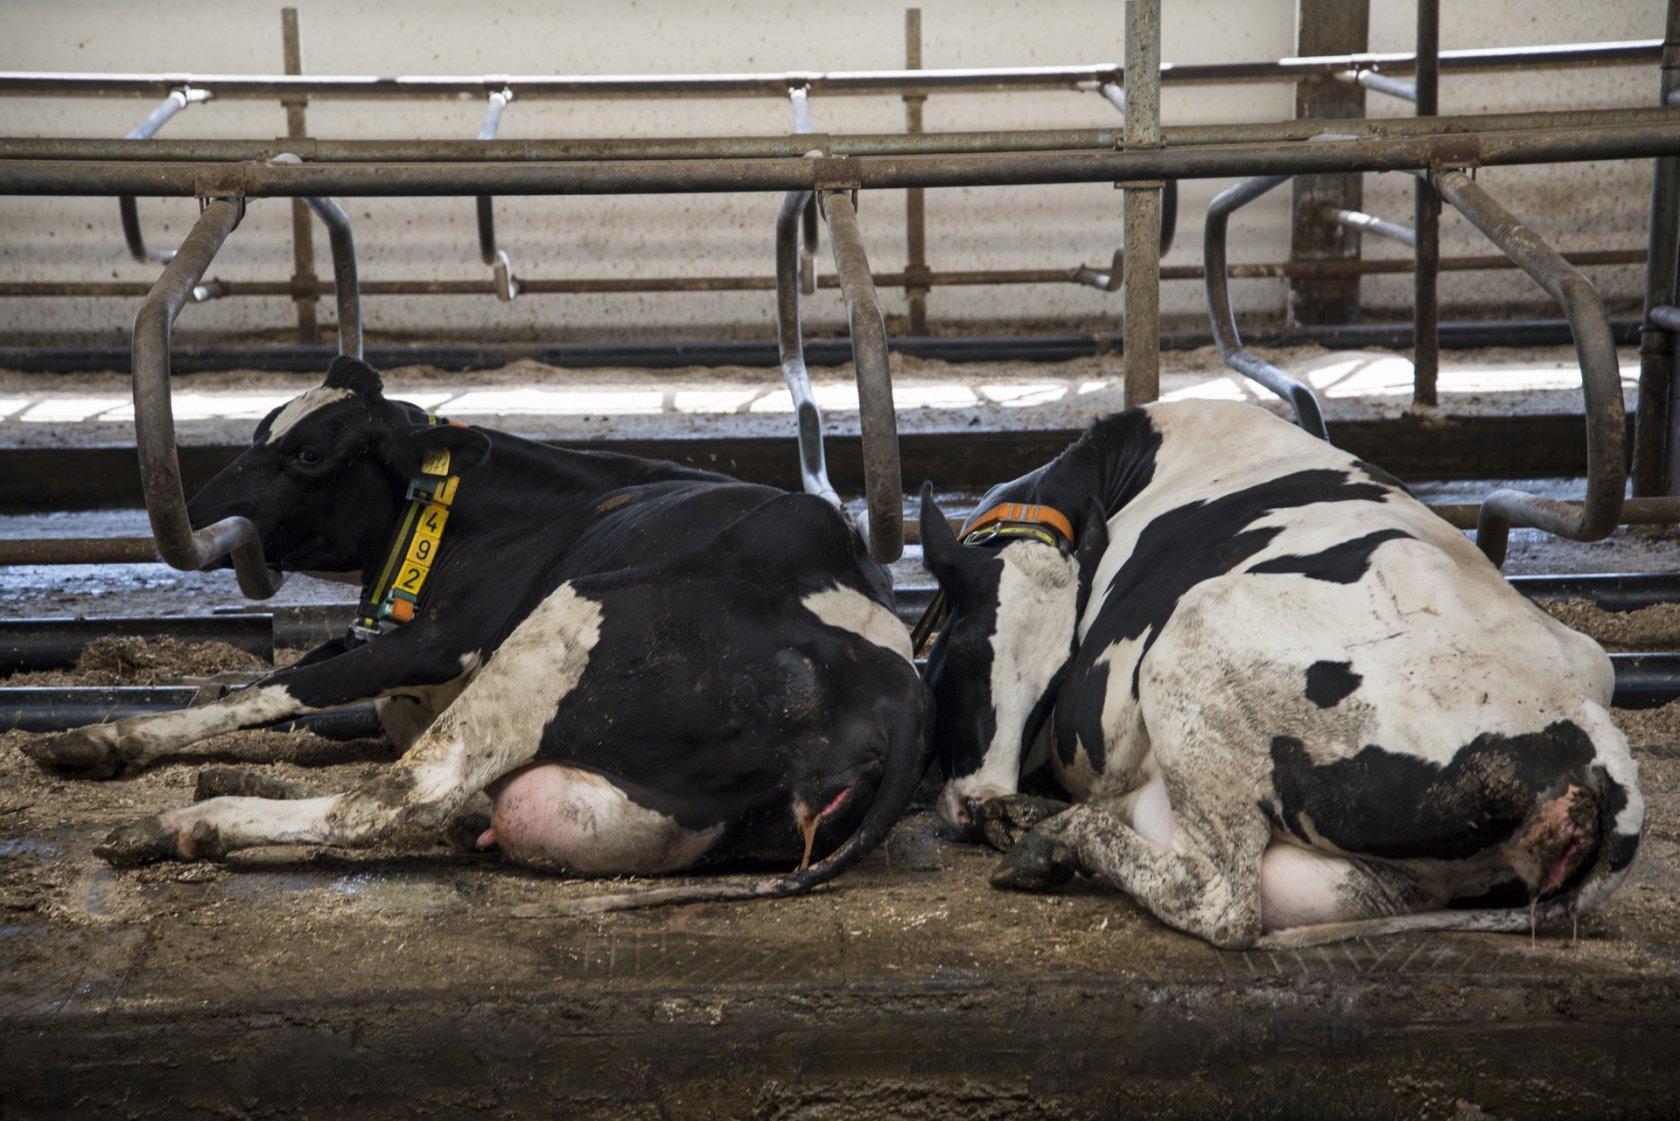 Роды и родовспоможение у коров: советы опытных ветеринаров и животноводов